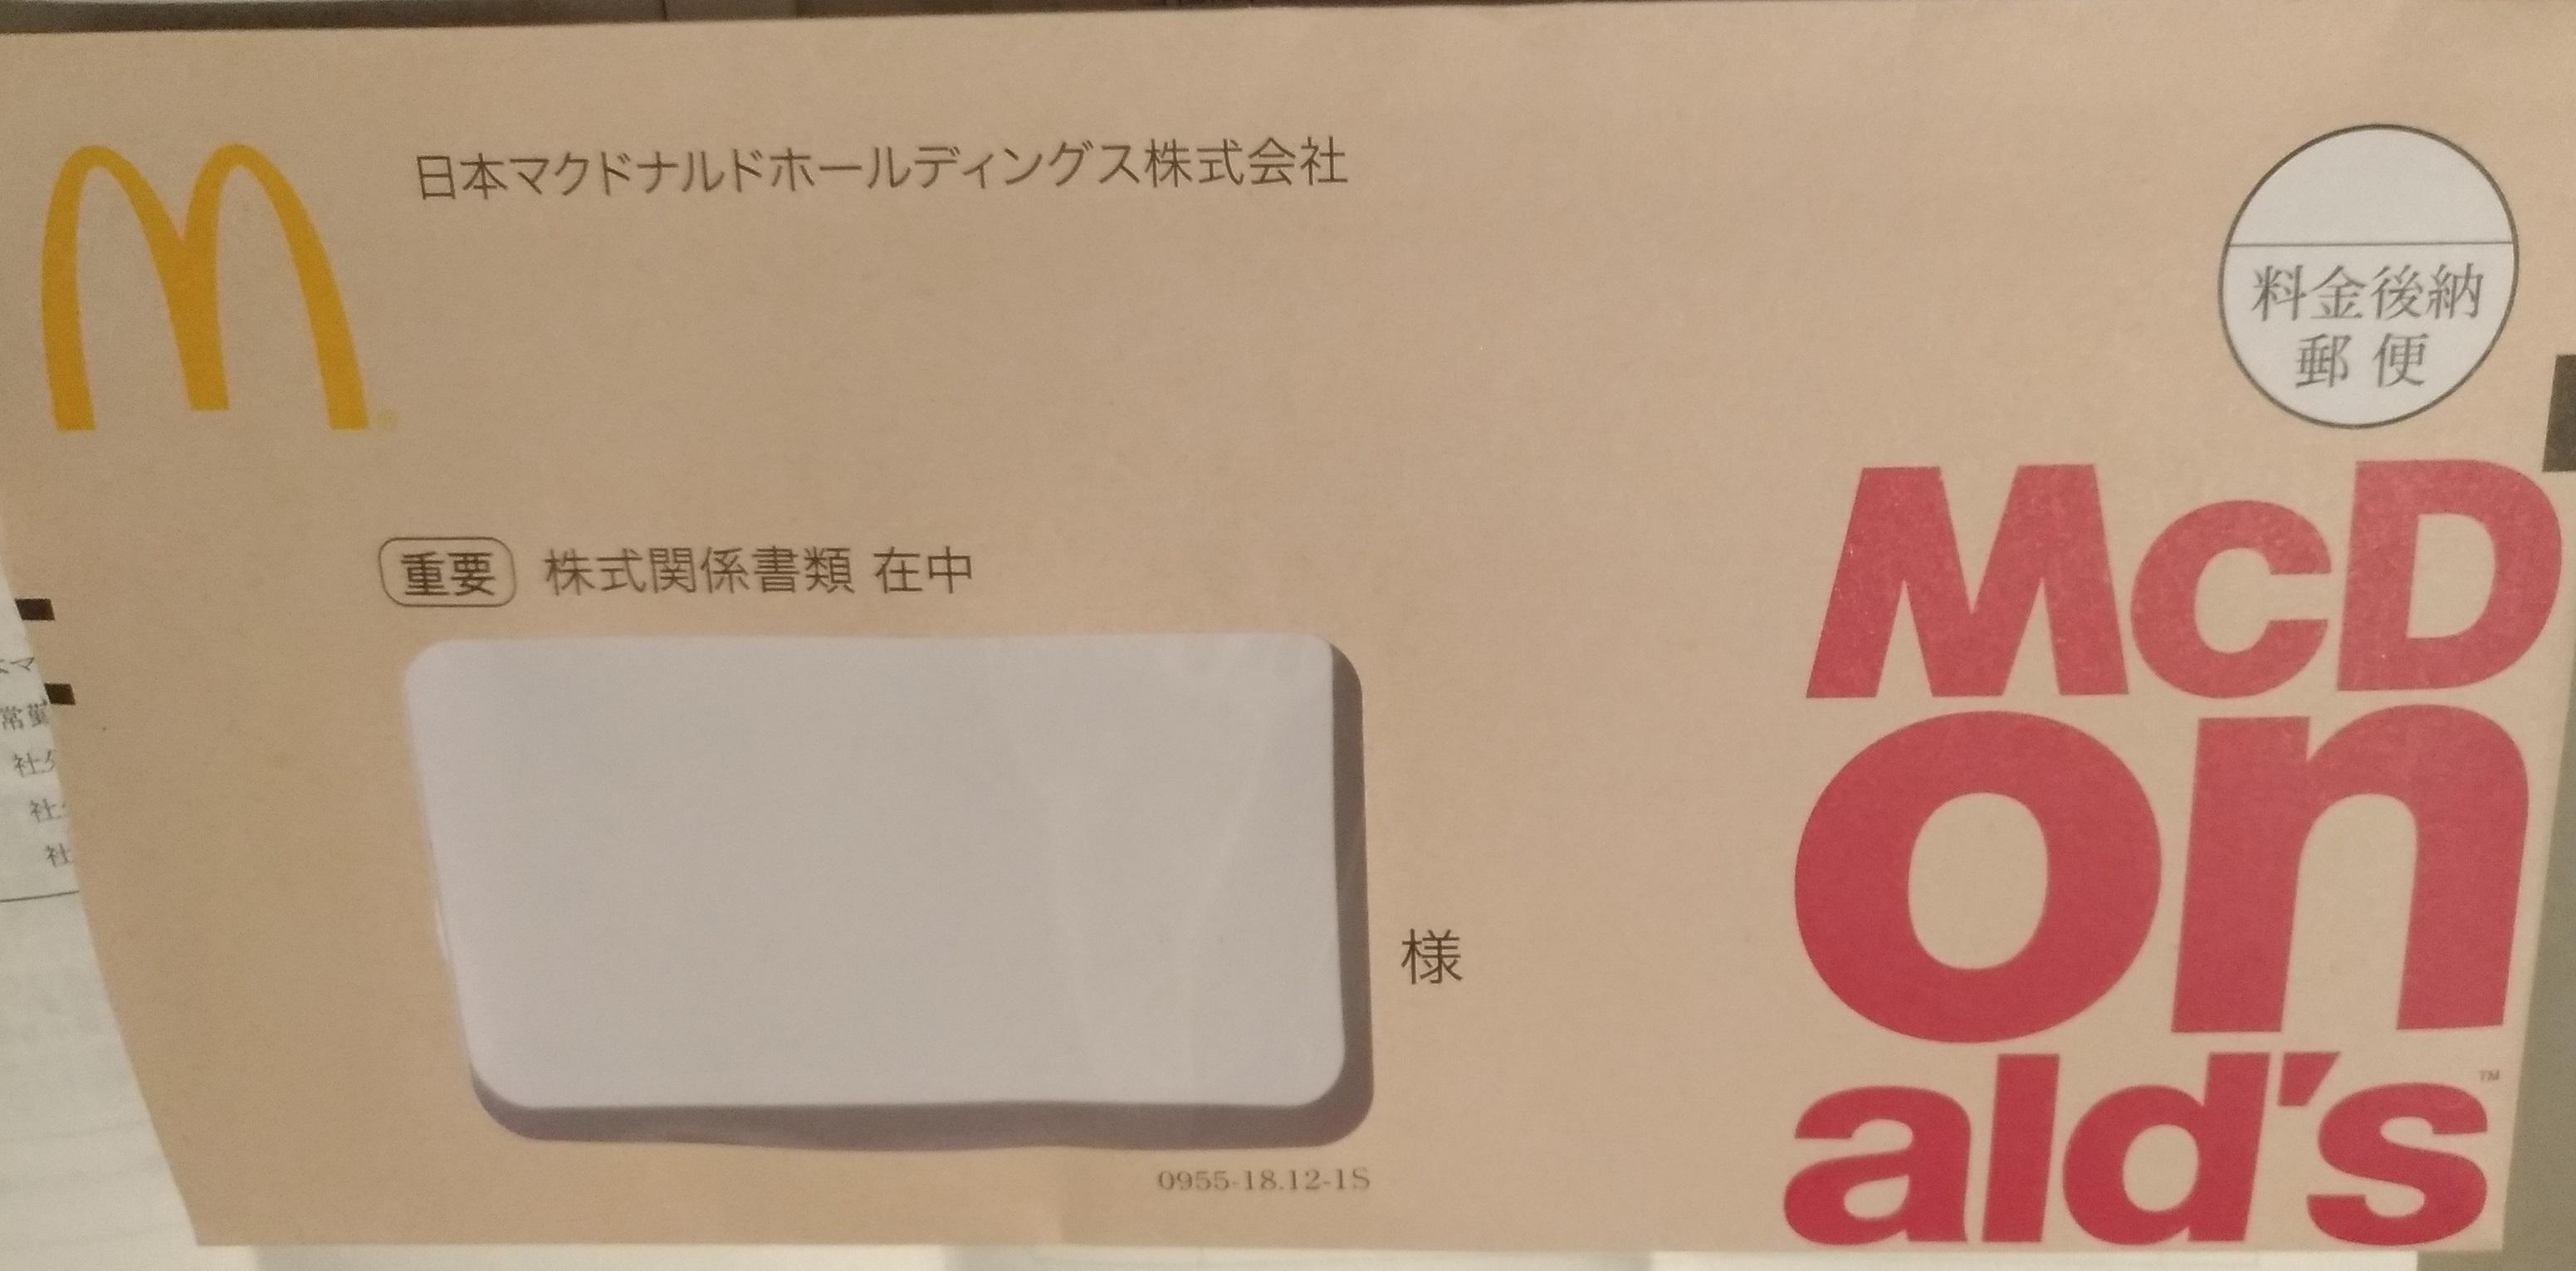 macdonalds_haito_yutai_2019.jpg